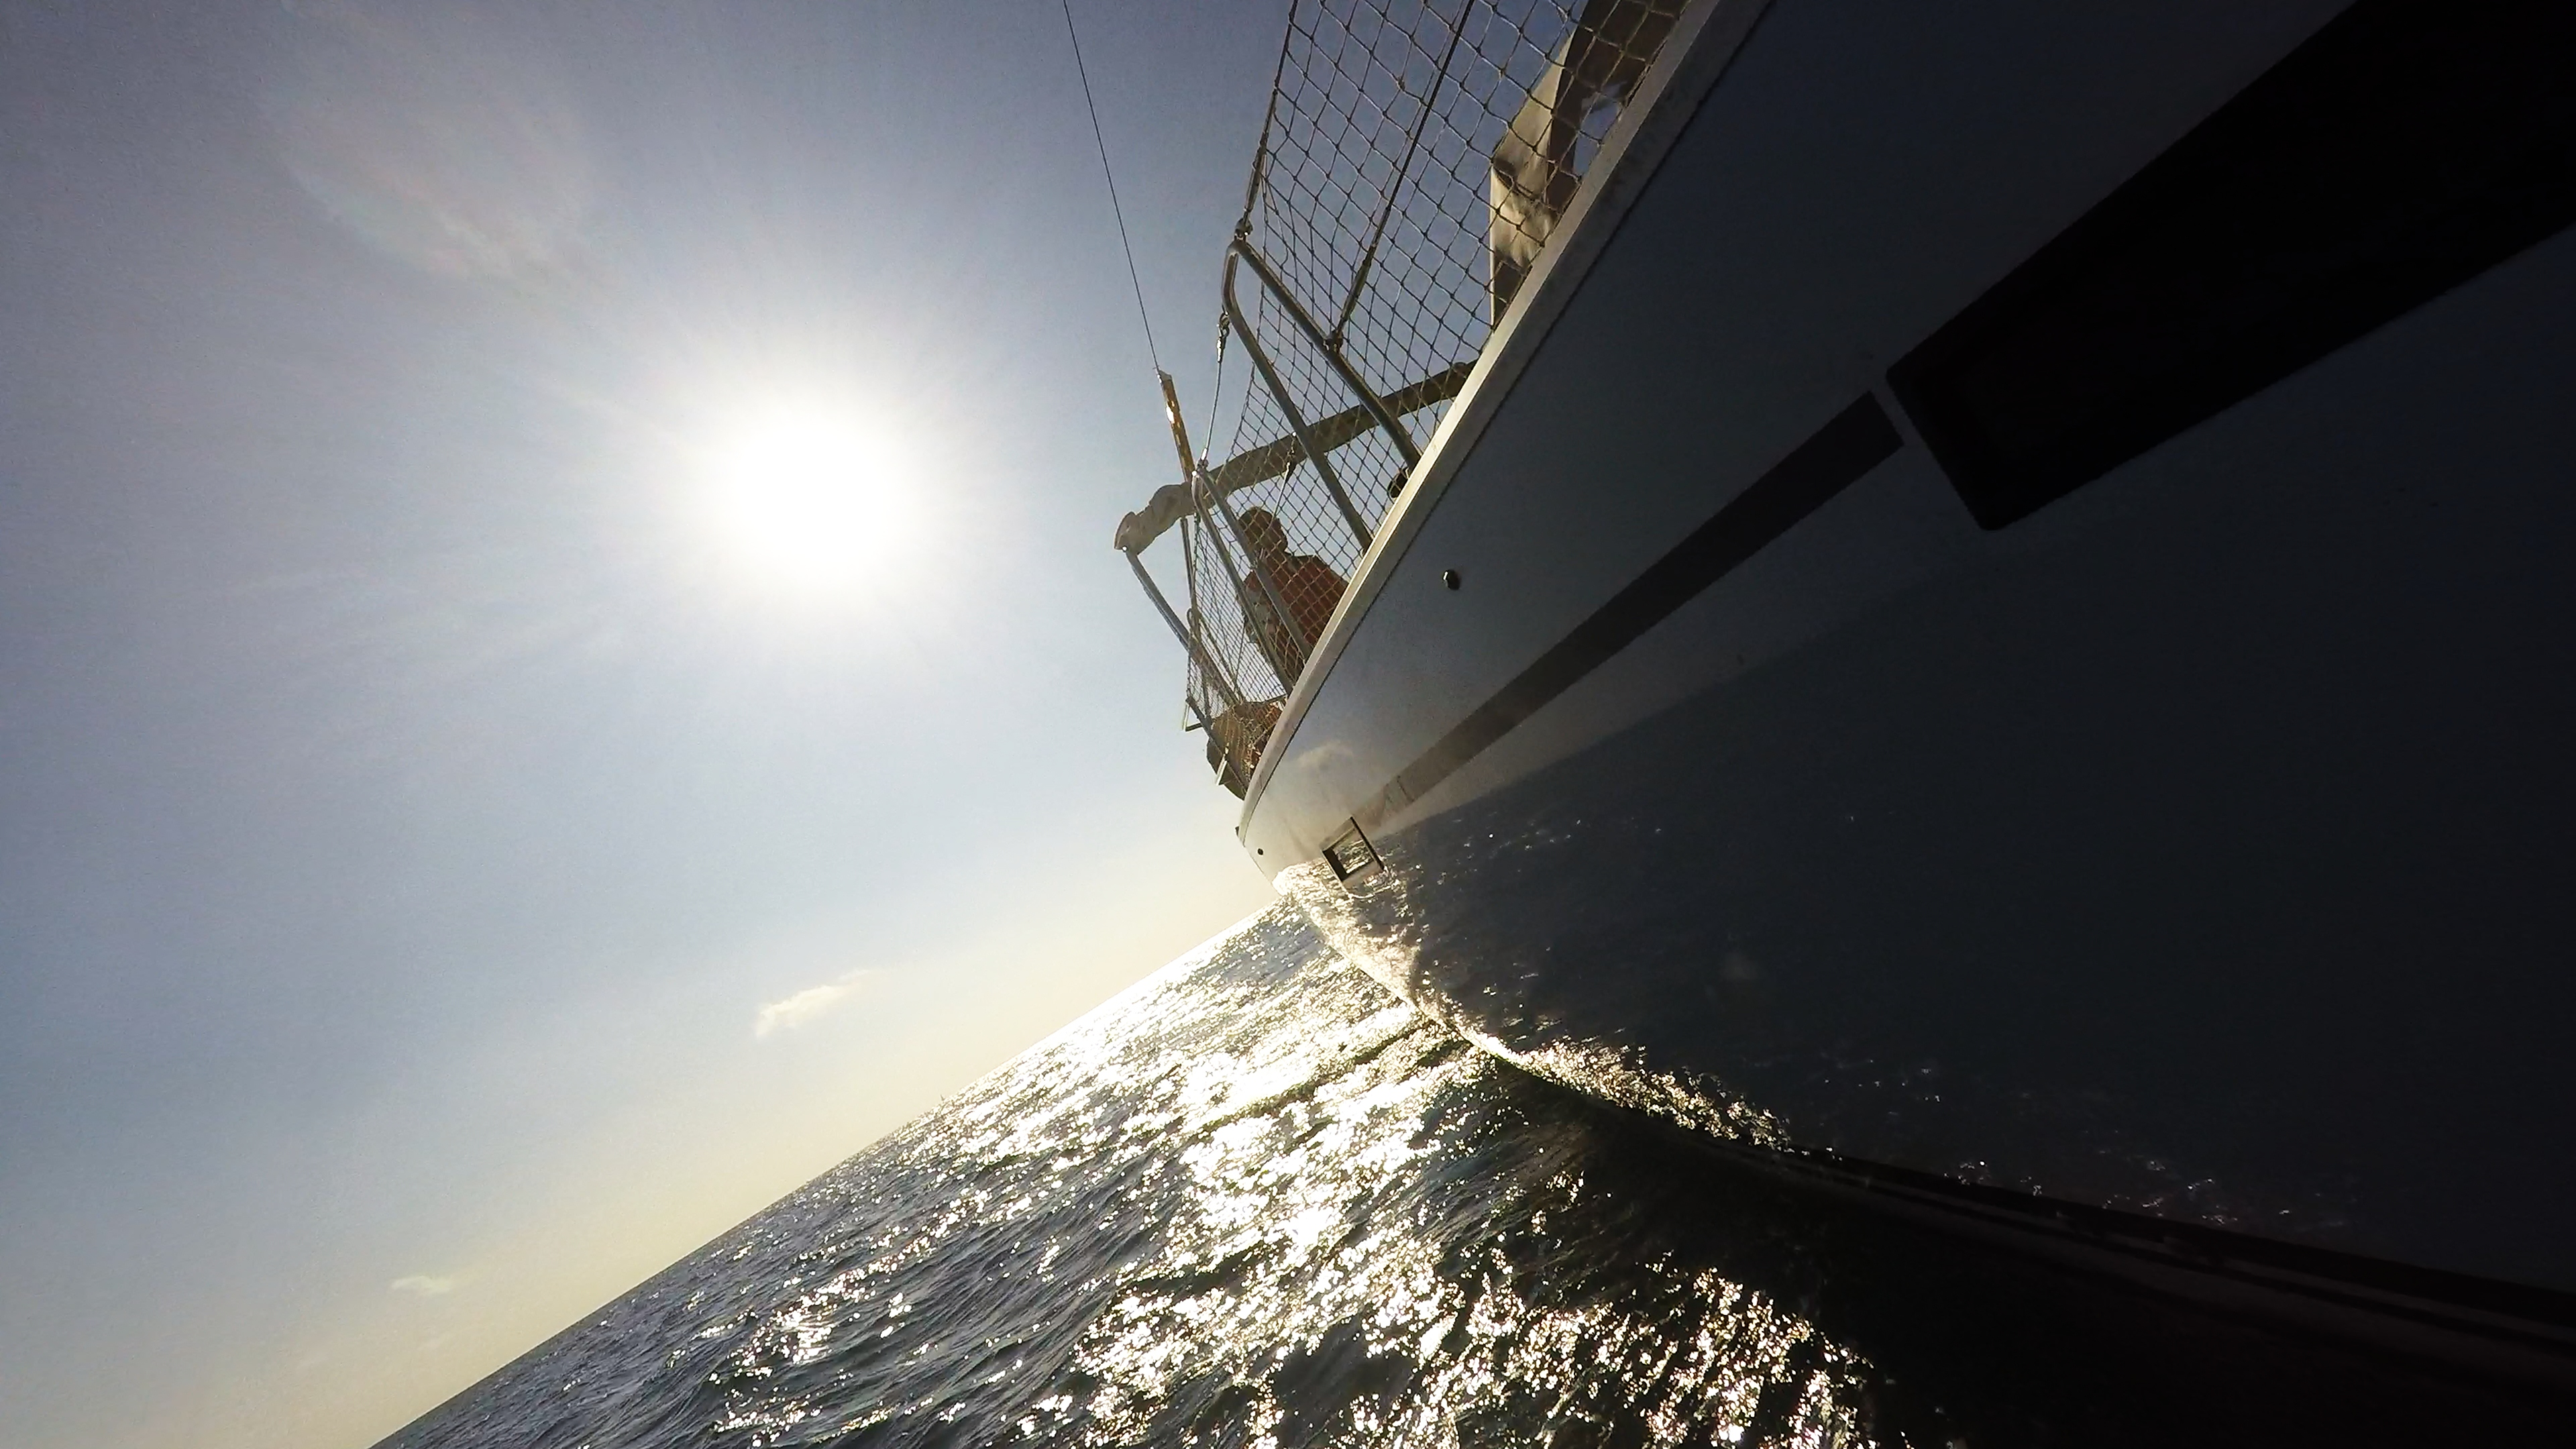 jedrilica sa strane vjetarow skiper trup broda sigurnosna mreža sunce more